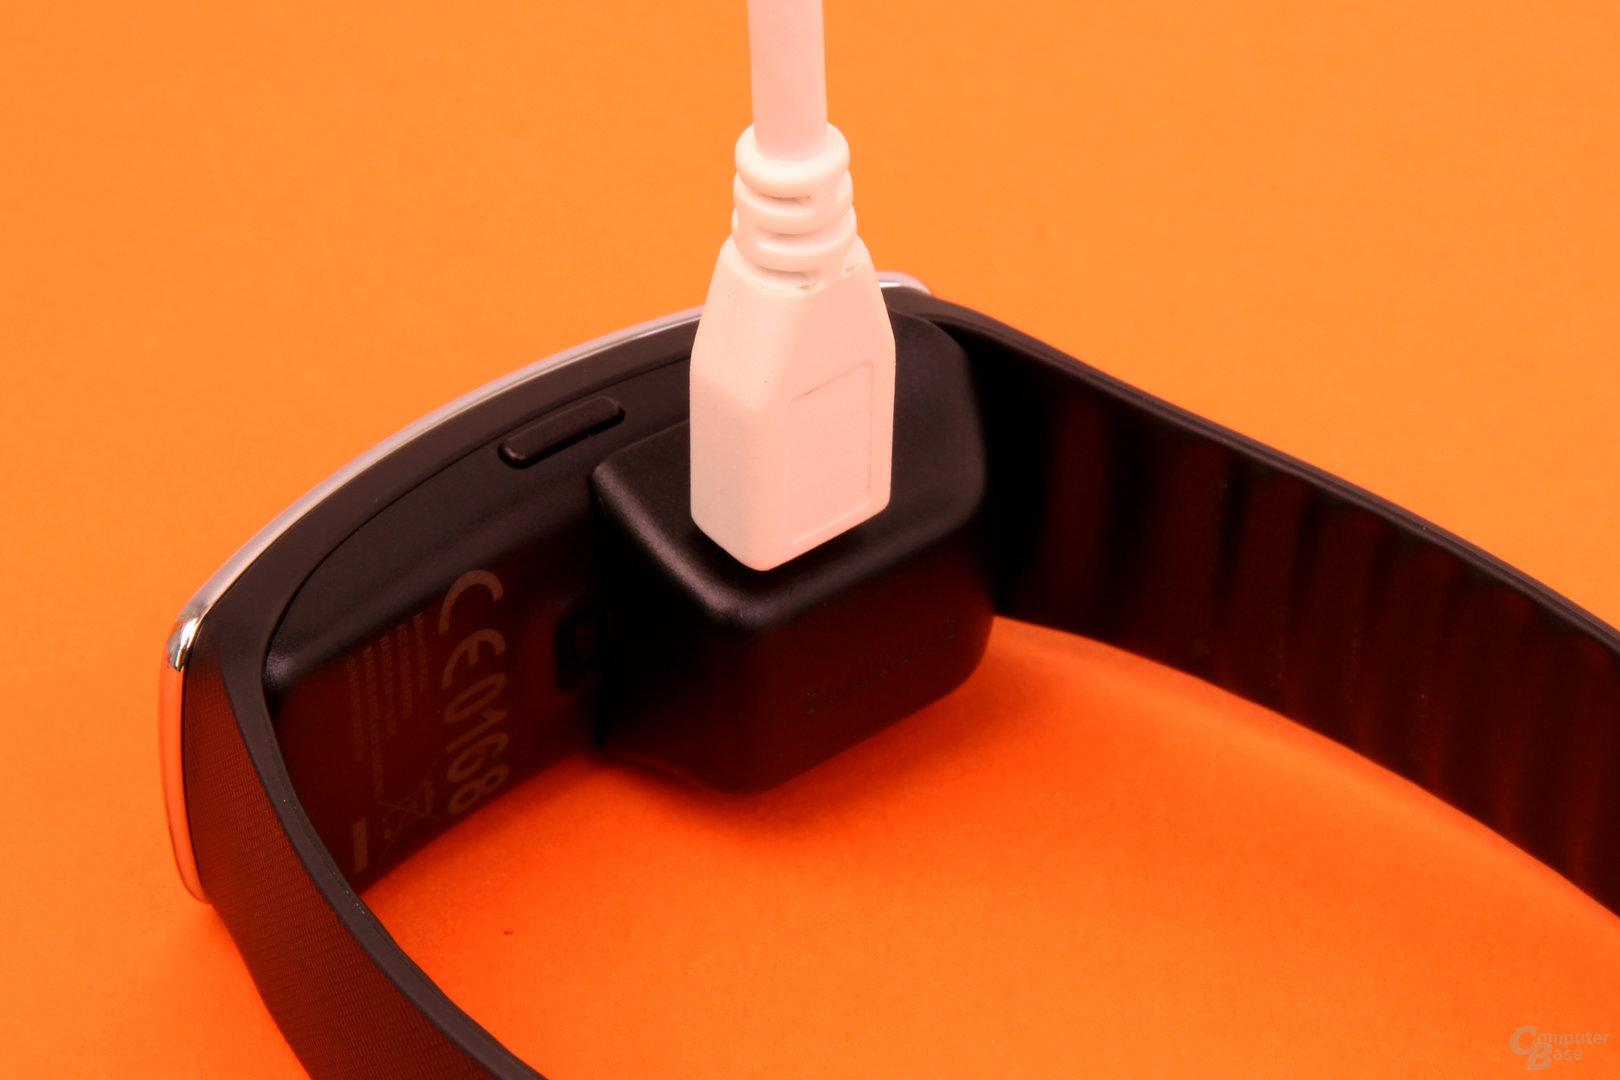 Kabel angeschlossen